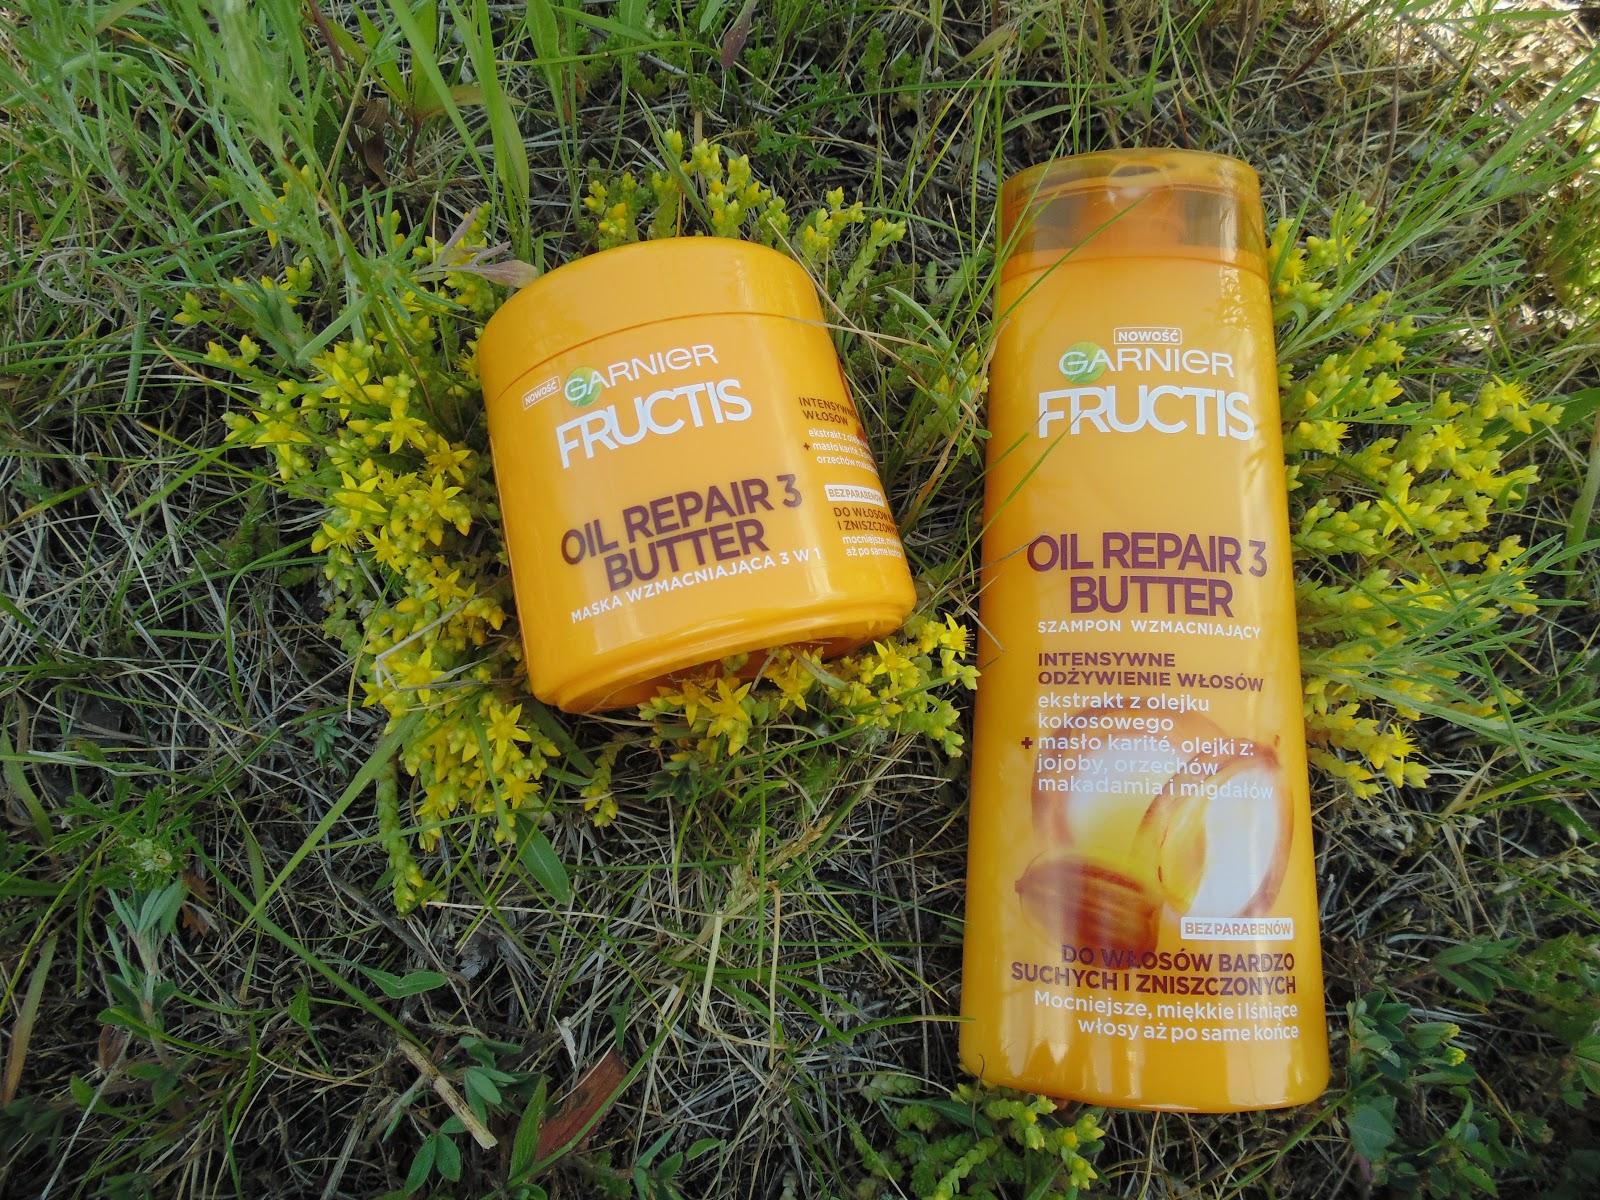 Garnier fructis Oil Repair 3 butter szampon i maska do włosów bardzo suchych i zniszczonych